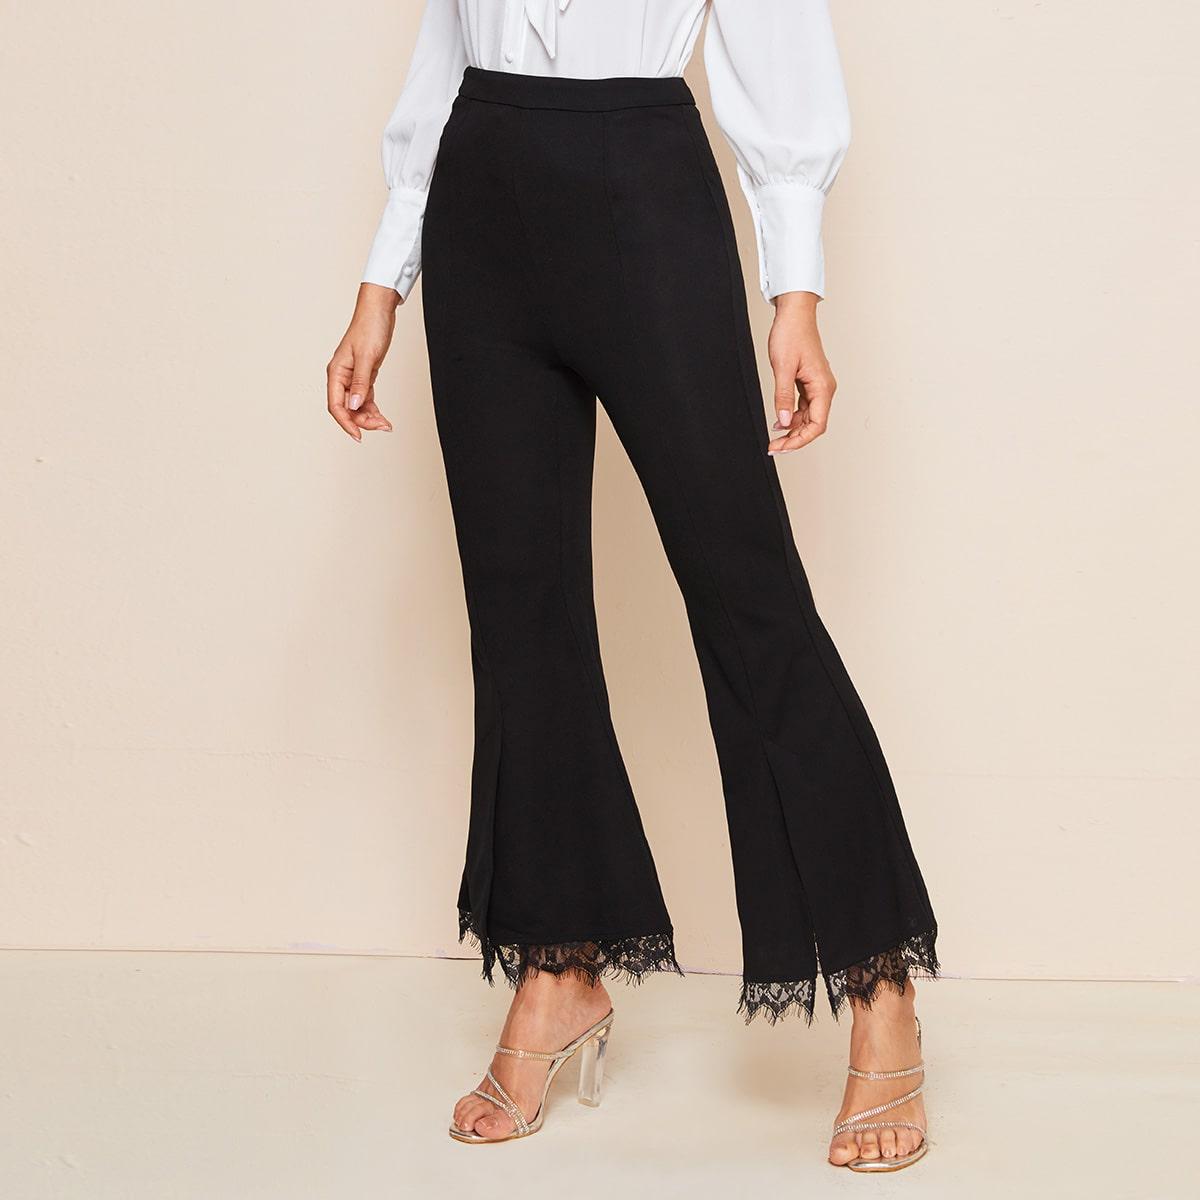 Расклешенные брюки с кружевом фото